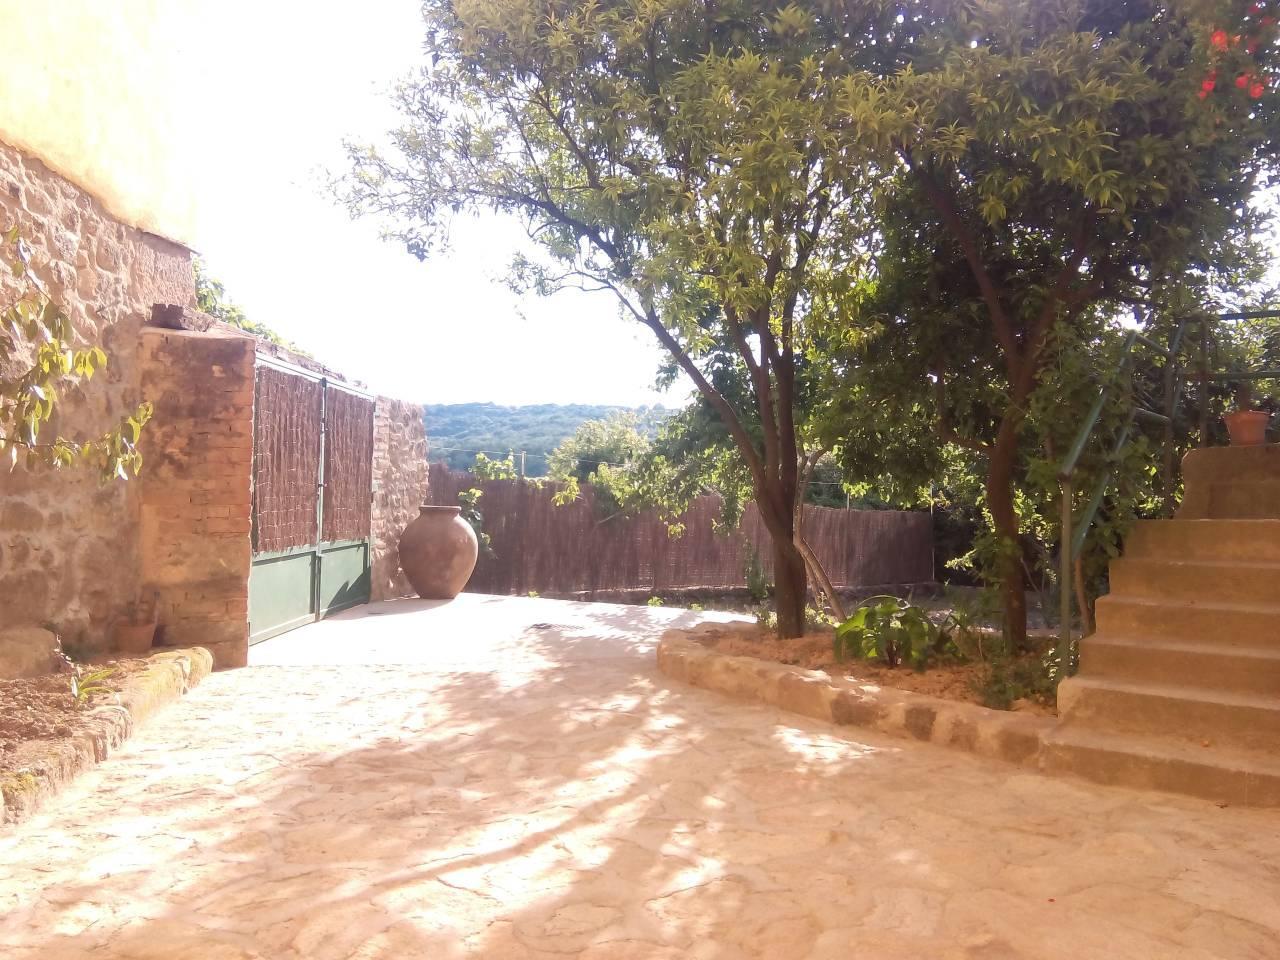 Alquiler vacaciones en Jarandilla de la Vera, Cáceres